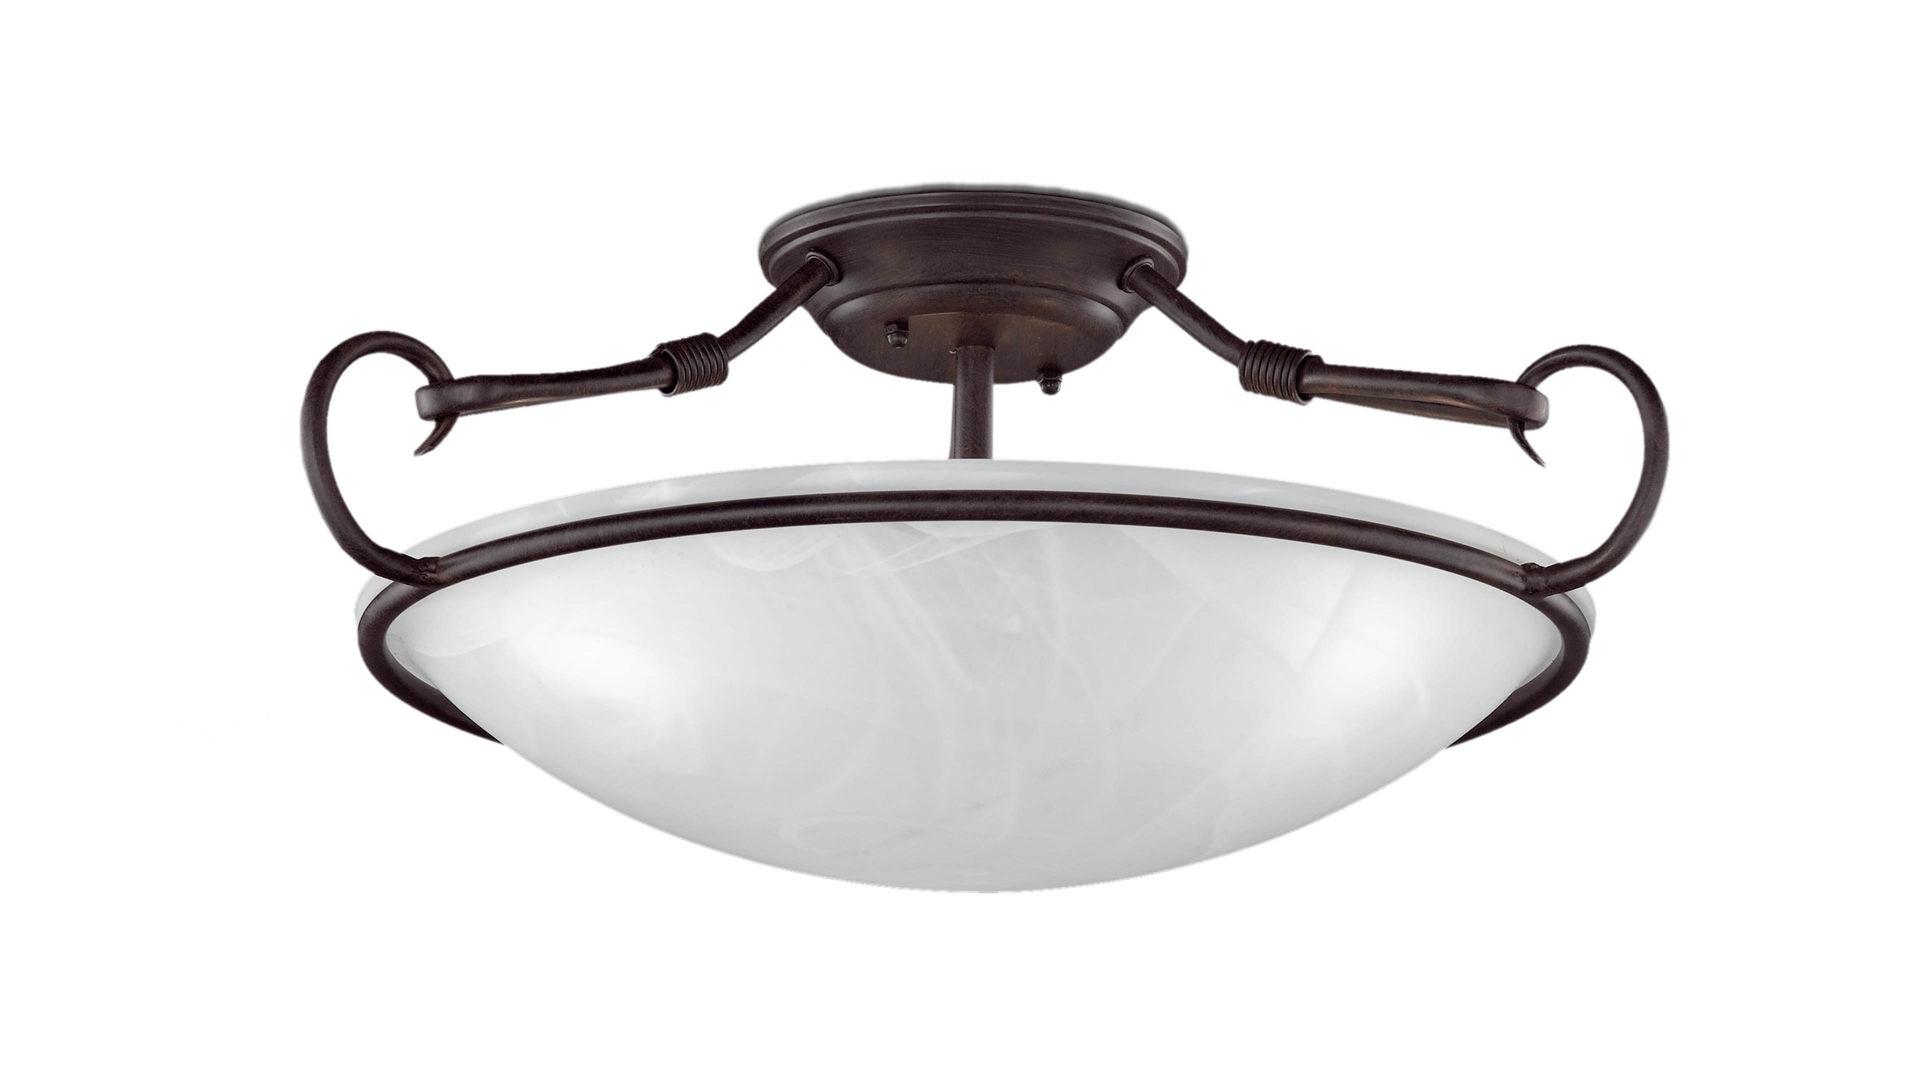 Deckenleuchte Como Deckenlampe Antik Rostfarbenes Metall